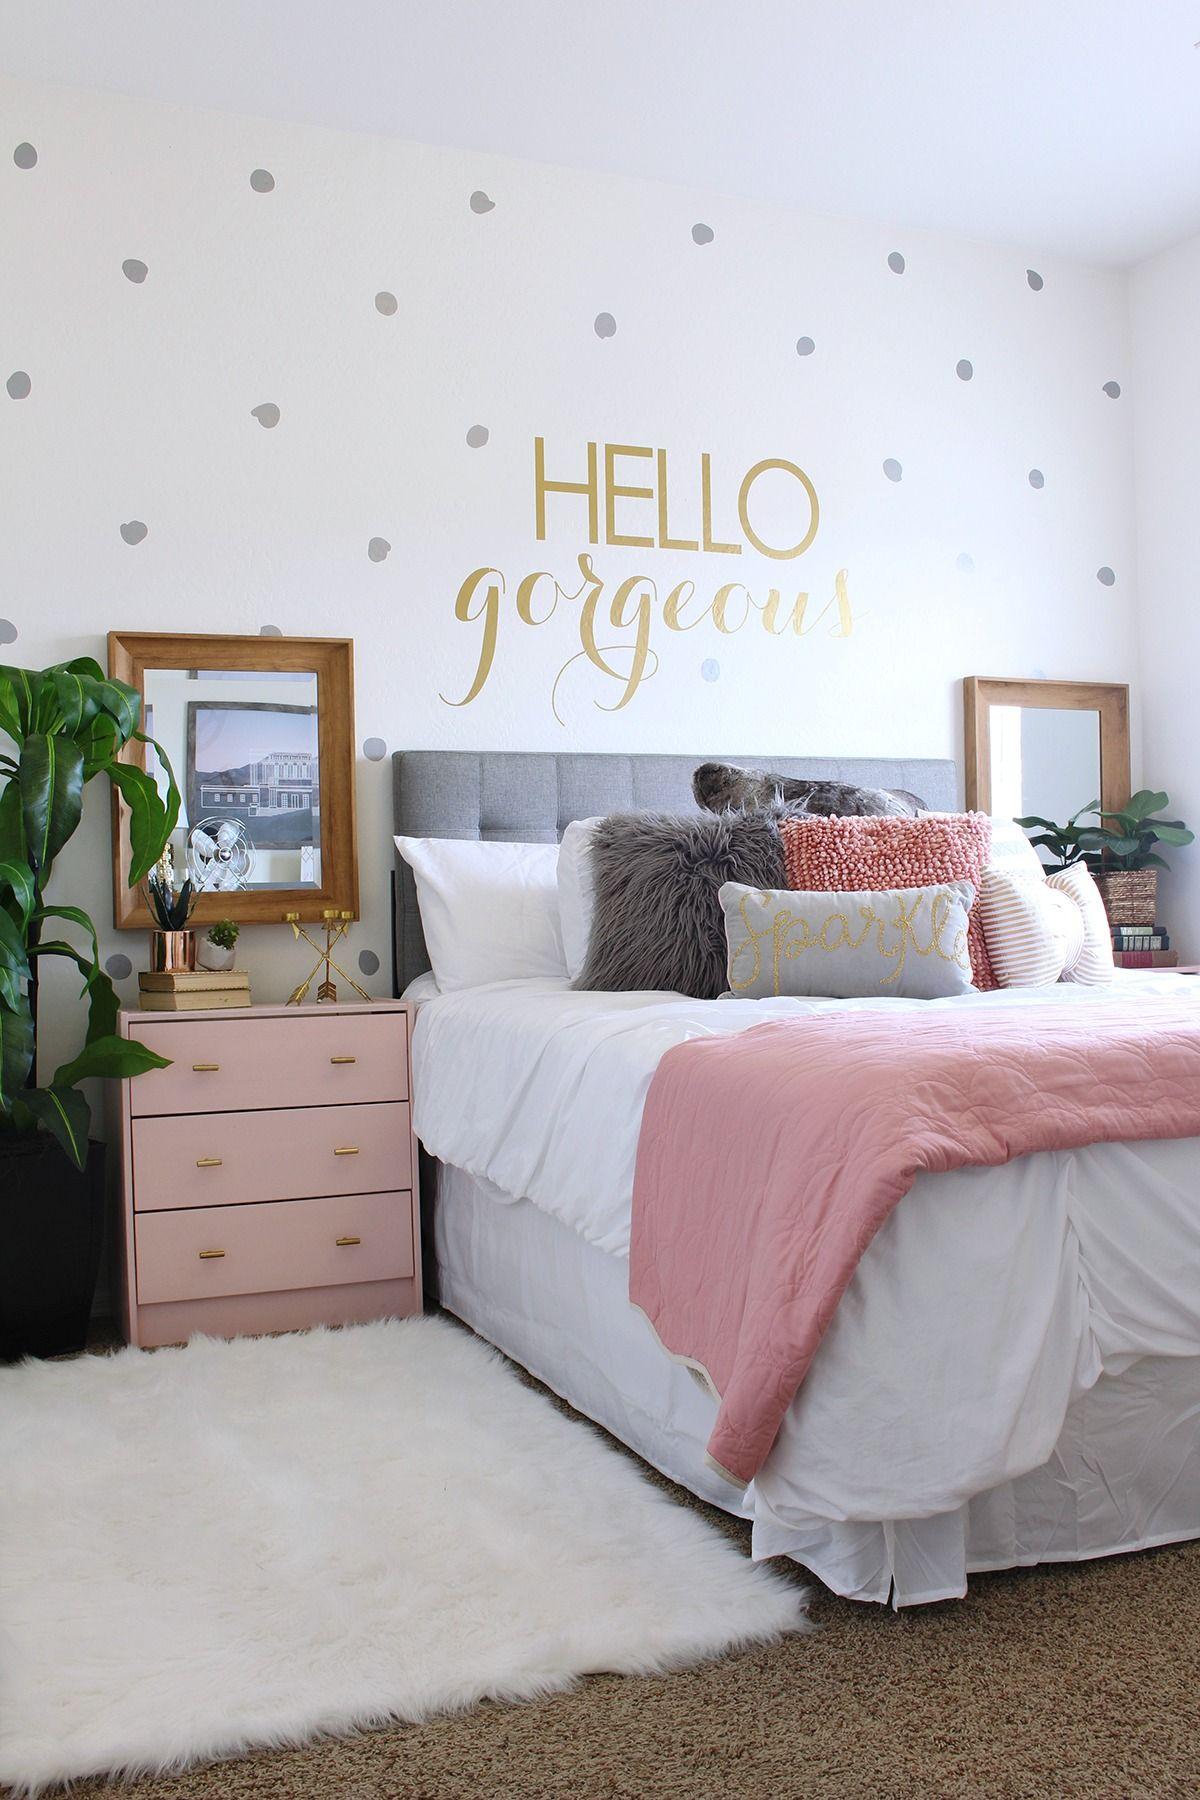 teen girl bedroom teen room makeover ideas - www.classyclutter.net | love the combo of UOKMCCE